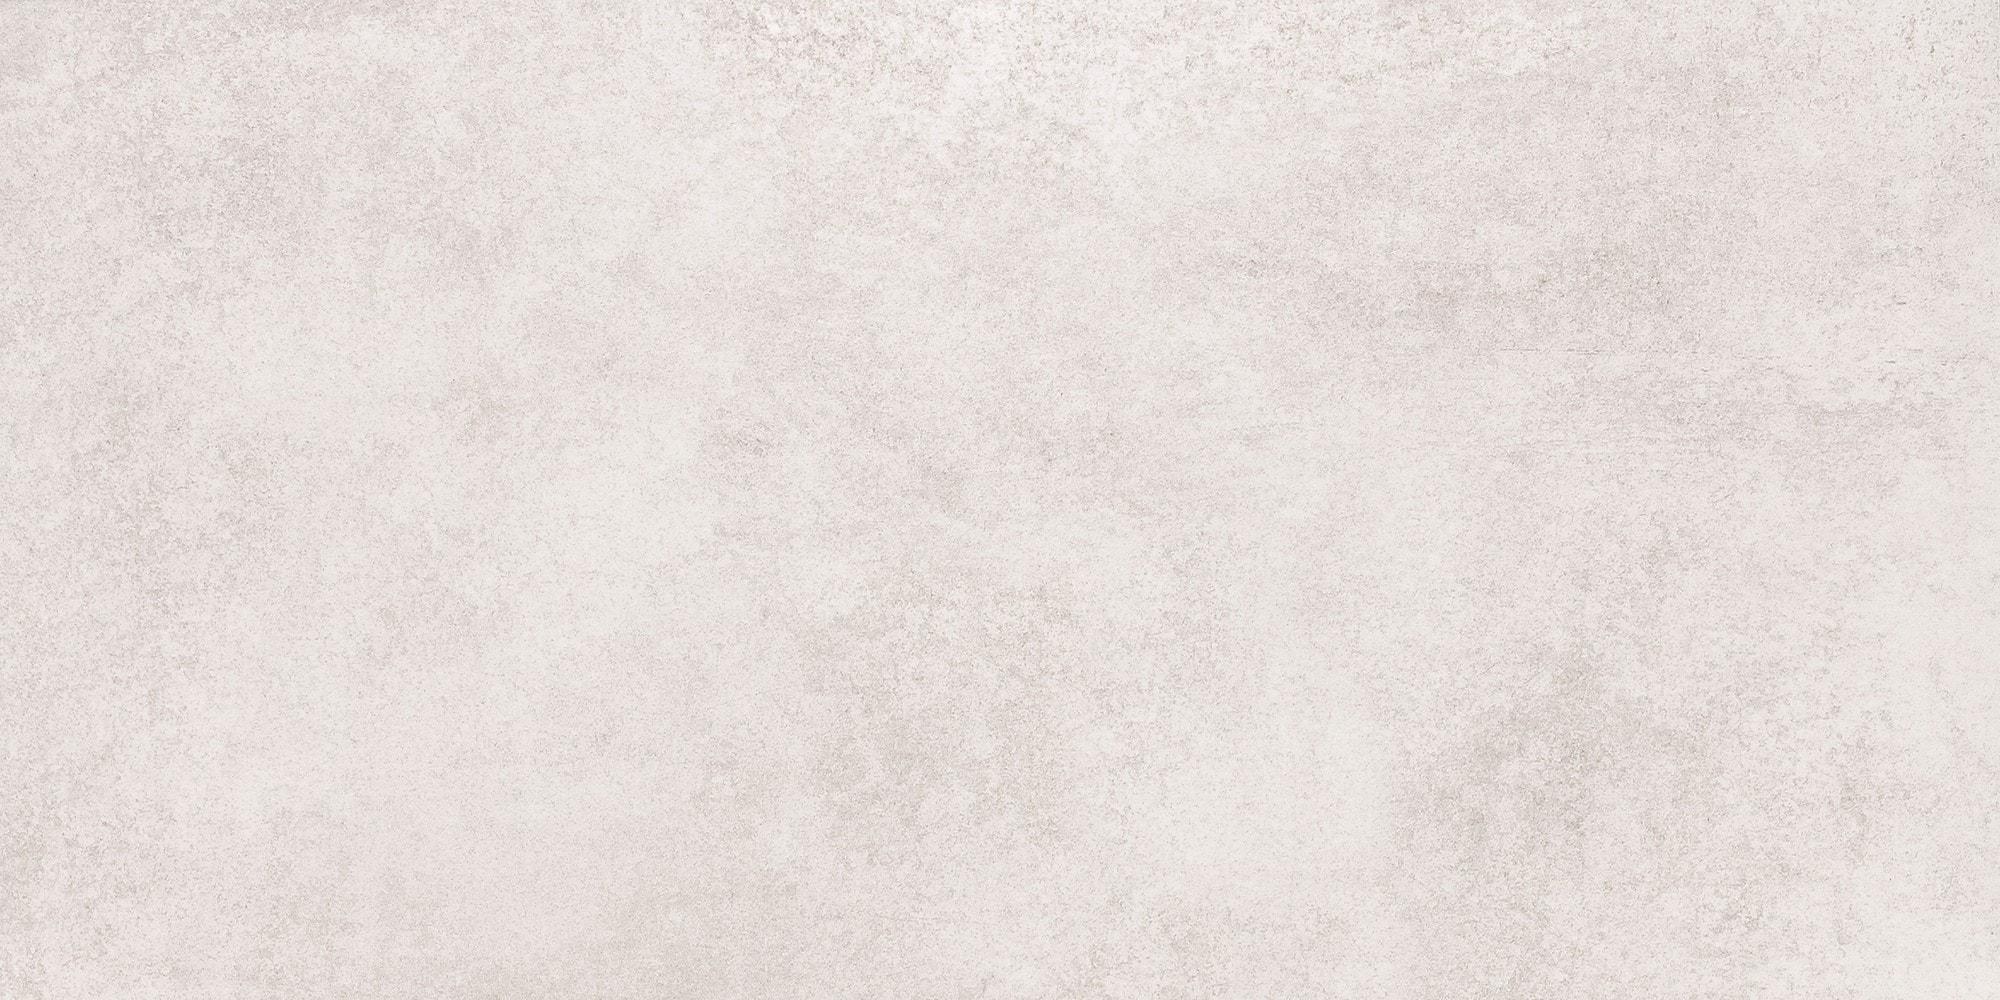 Płytka podłogowa Cerrad Lukka Bianco  797x397x9mm 22134